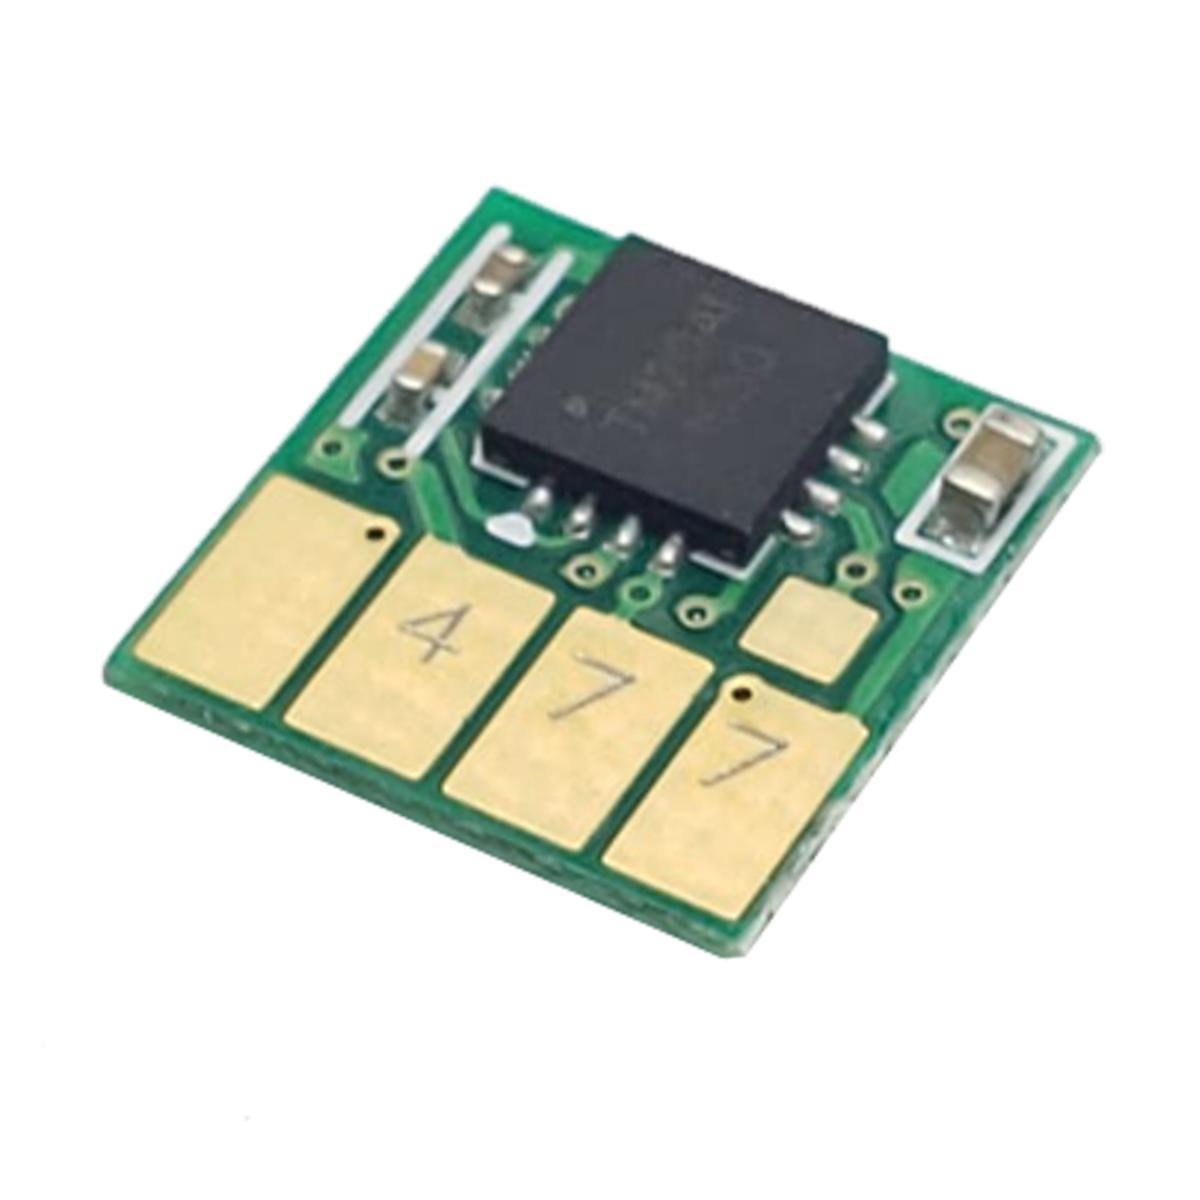 Chip Key para Ativação do Firmware Sem Chip HP 974 para HP PRO 452DW e 477DW